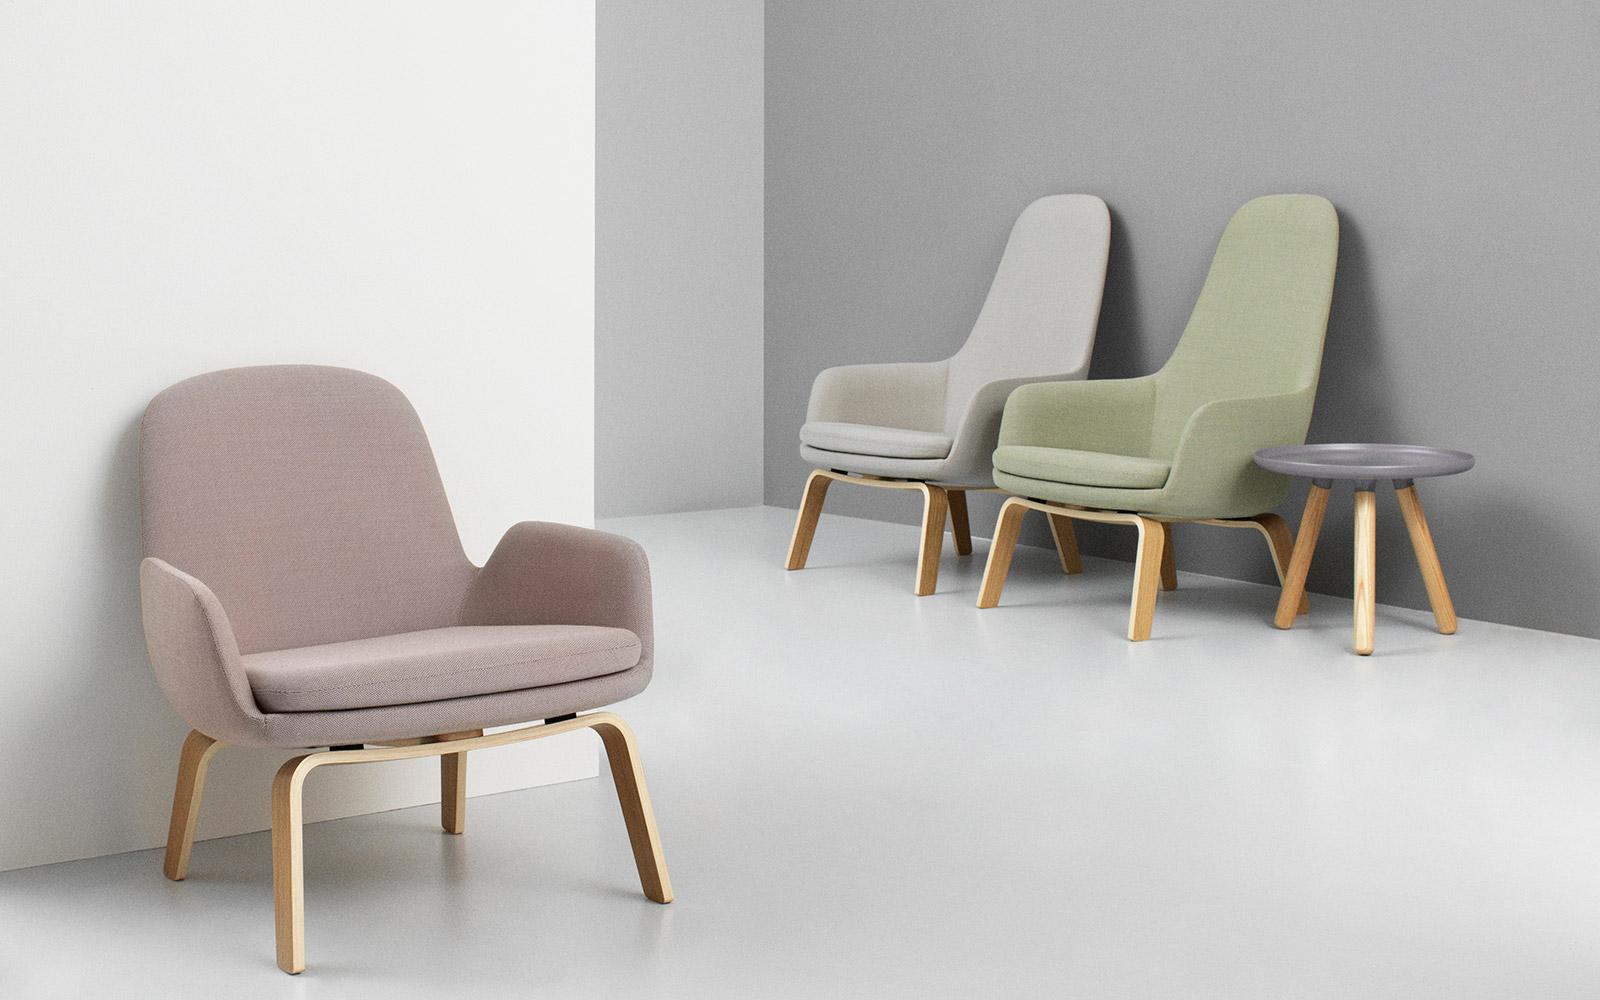 normann copenhagen sofa era sectional navy blue lounge chair | a modern and classic